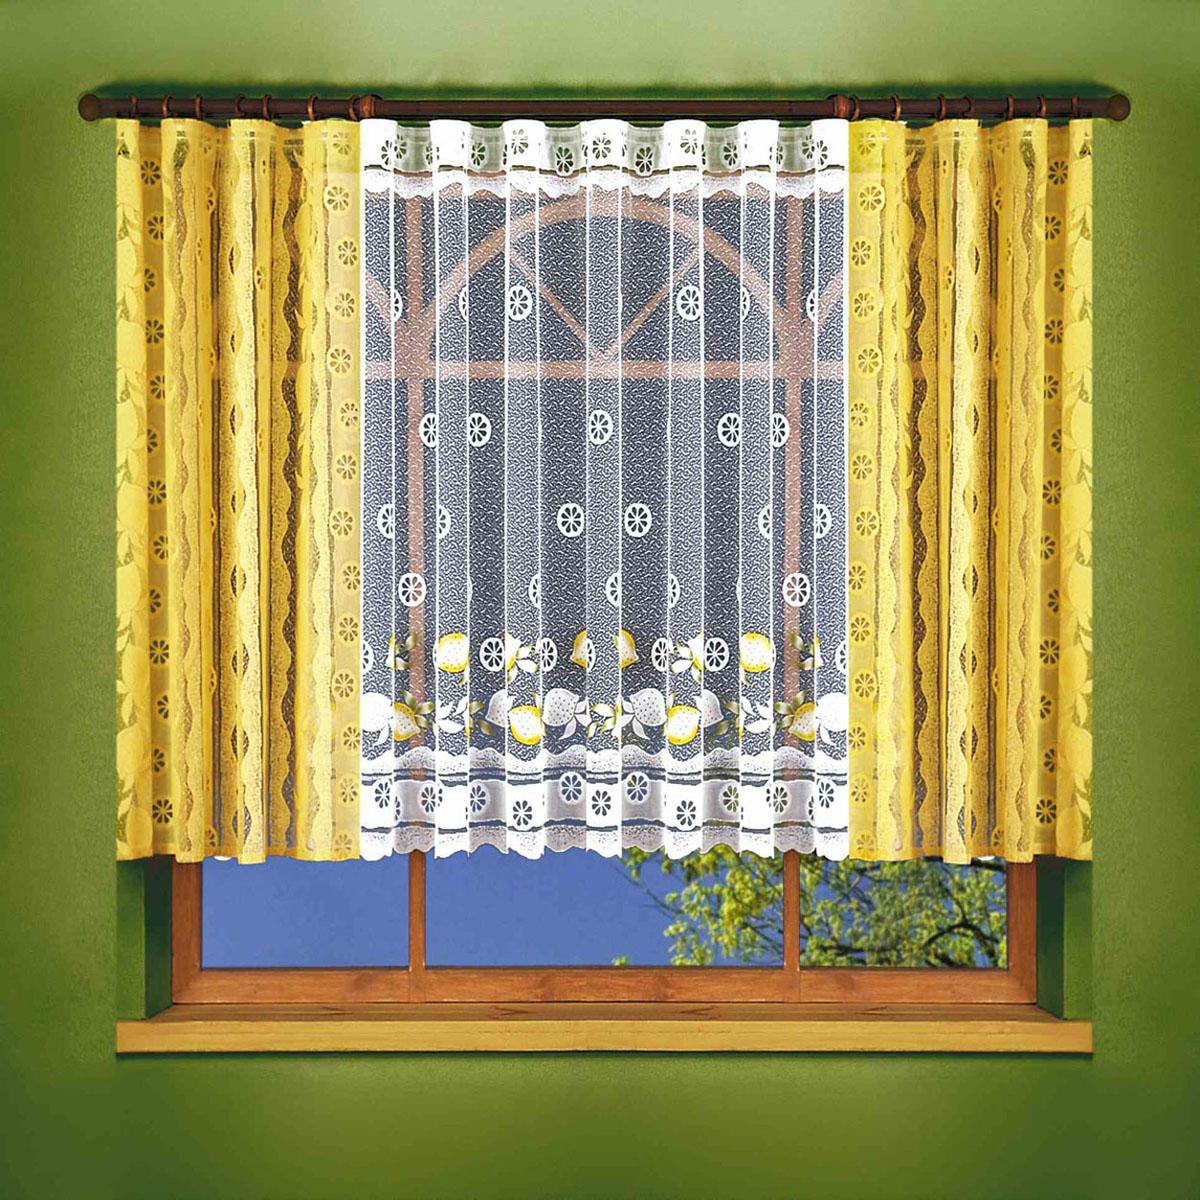 Комплект штор Wisan, на ленте, цвет: желтый, высота 150 см. 61096109Жаккардовый комплект штор Wisan на шторной ленте. Комплект органично впишется в интерьер любой комнаты. В набор входит две шторы желтого цвета, тюль белого цвета Размеры: тюль - 400 х 150 см, шторы - 150 х 150 см.